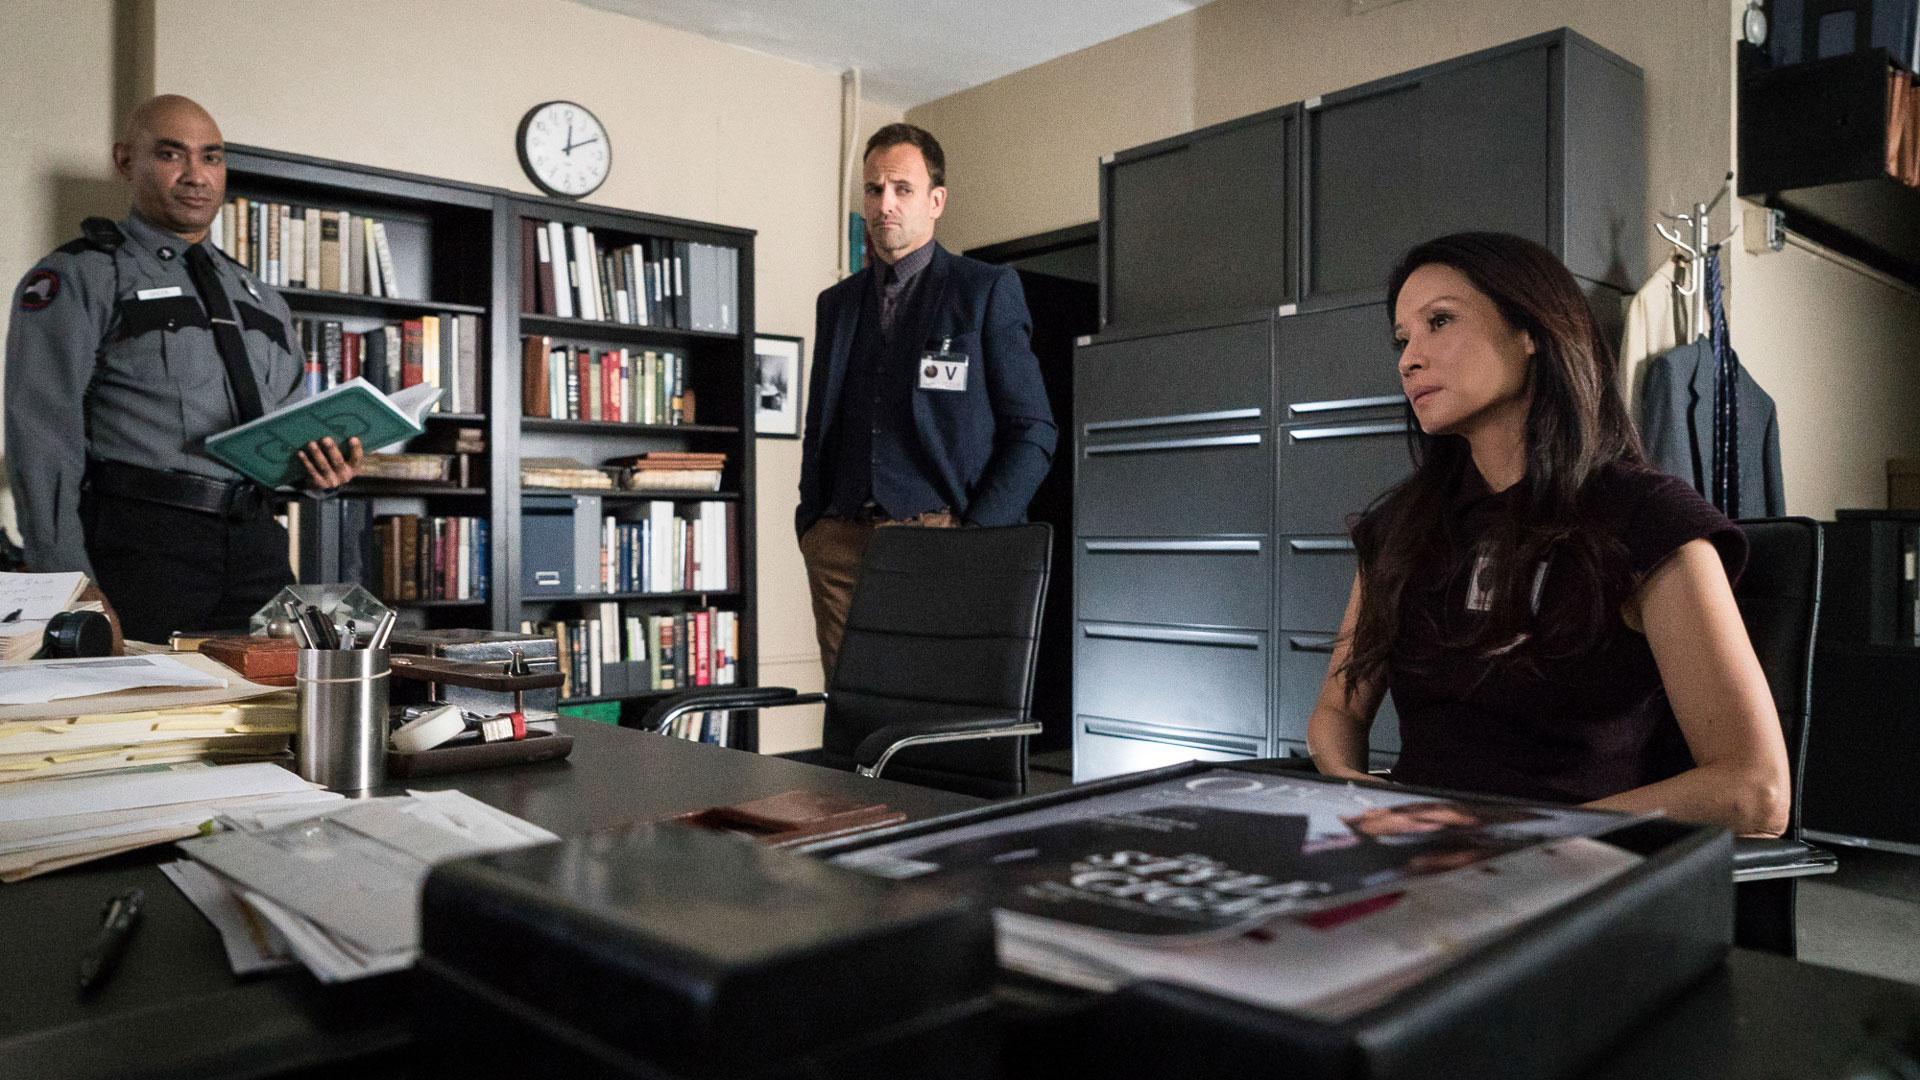 Jonny Lee Miller as Sherlock Holmes and Lucy Liu as Dr. Joan Watson